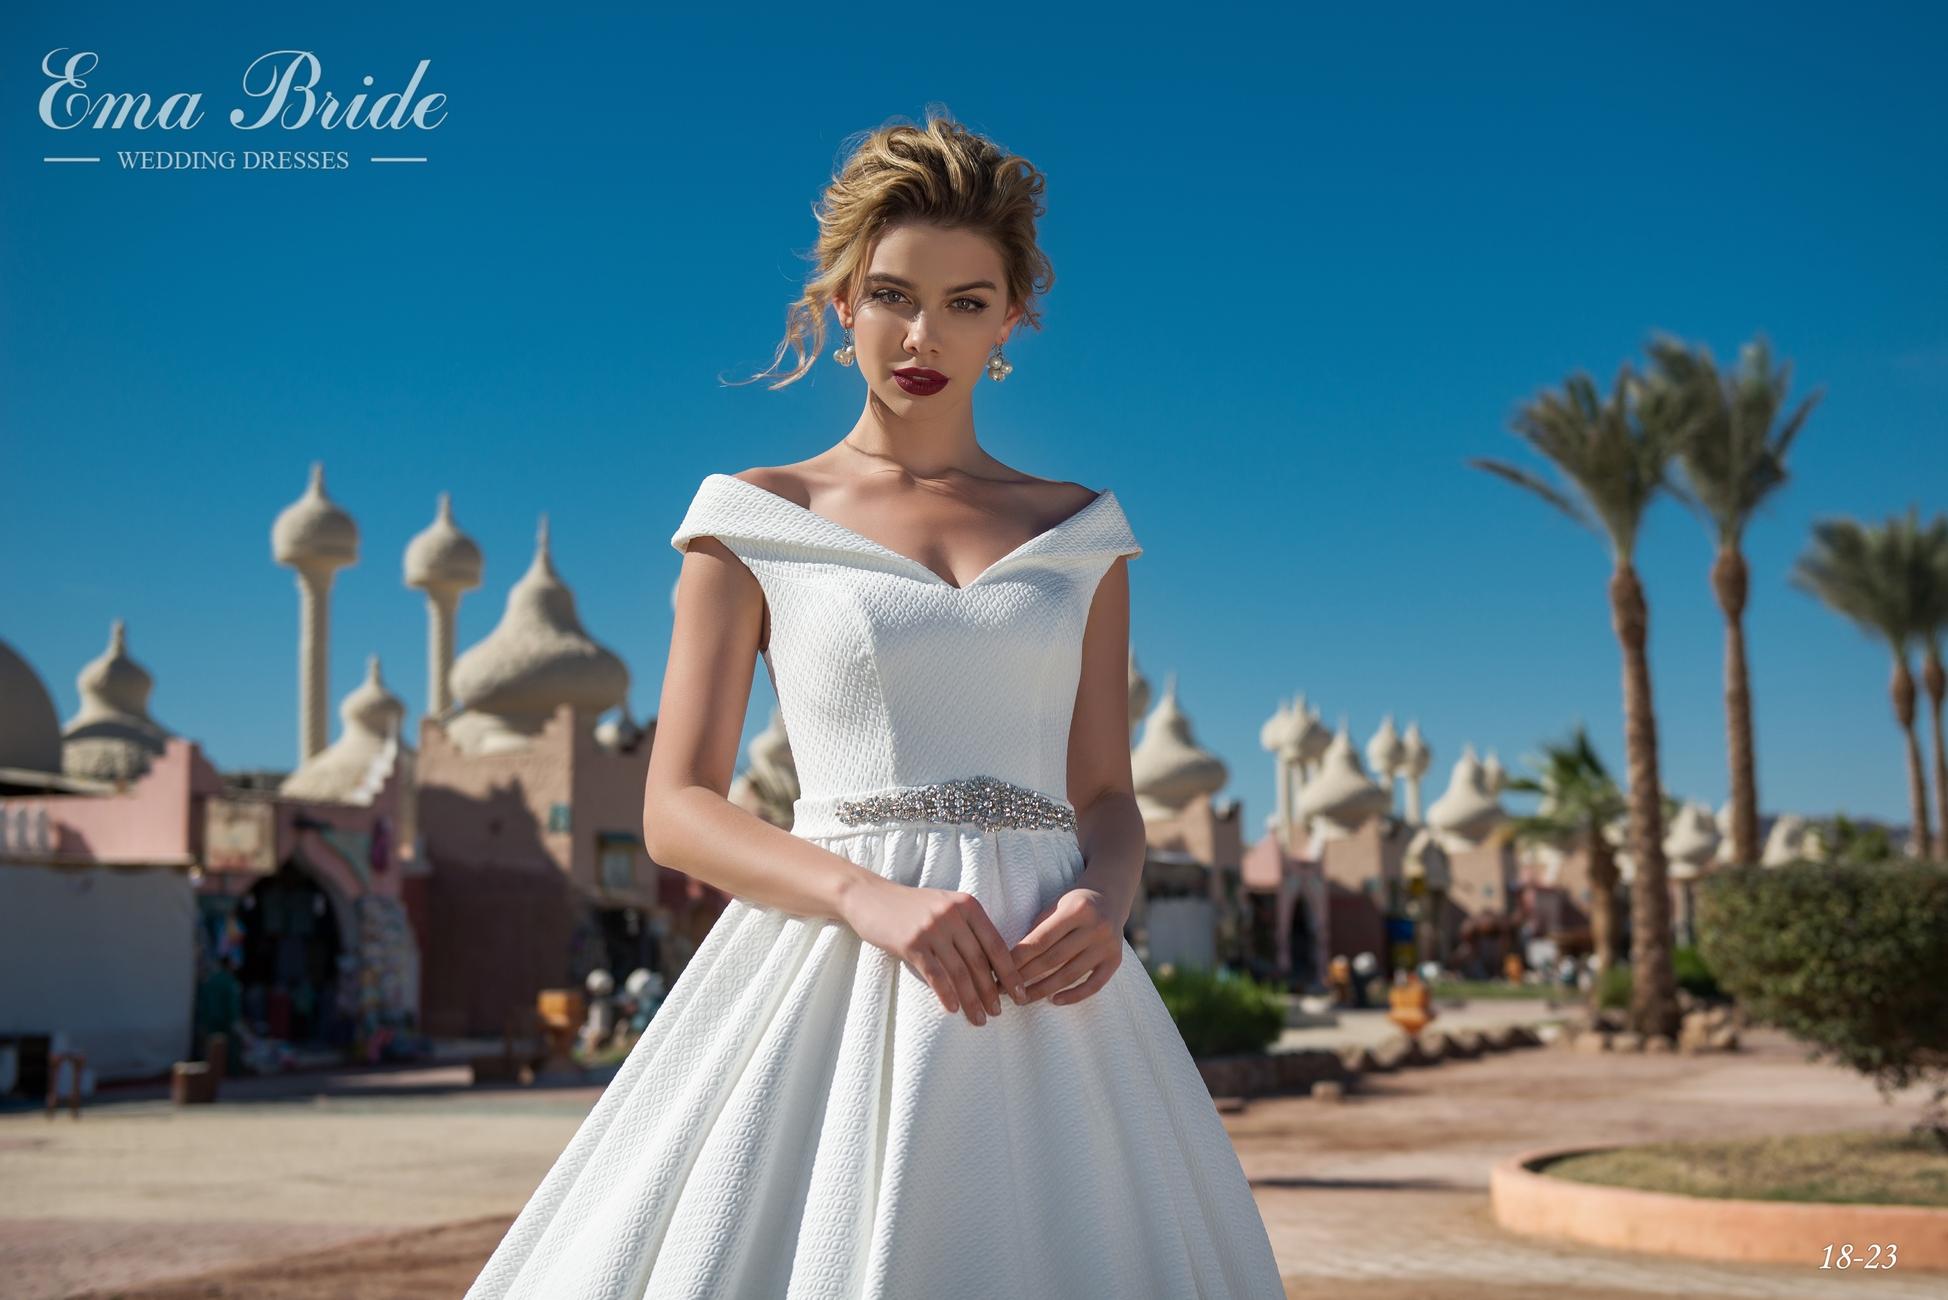 Девушка модель свадебных платьев работа работа красивым девушкам эскорт